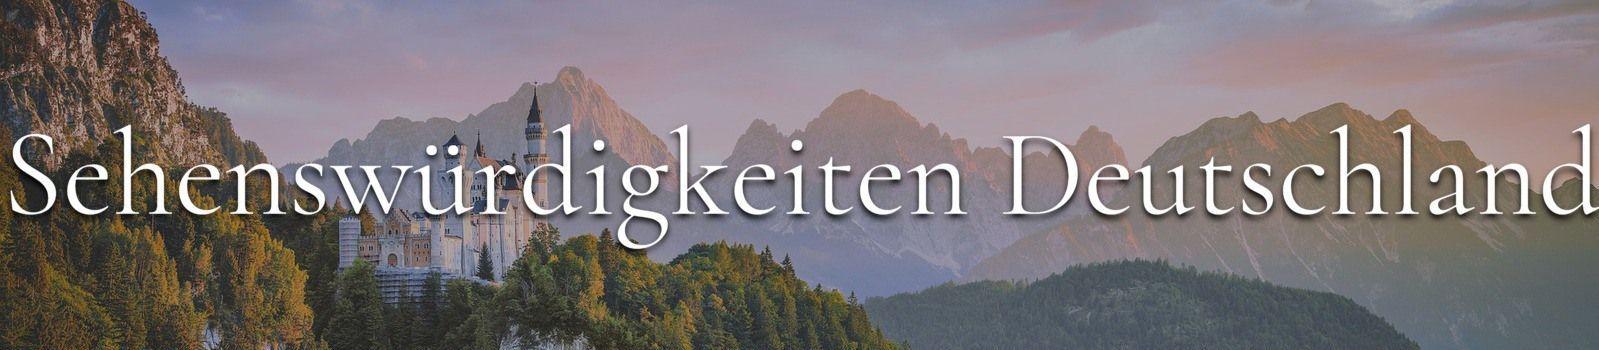 Sehenswürdigkeiten Deutschland Banner